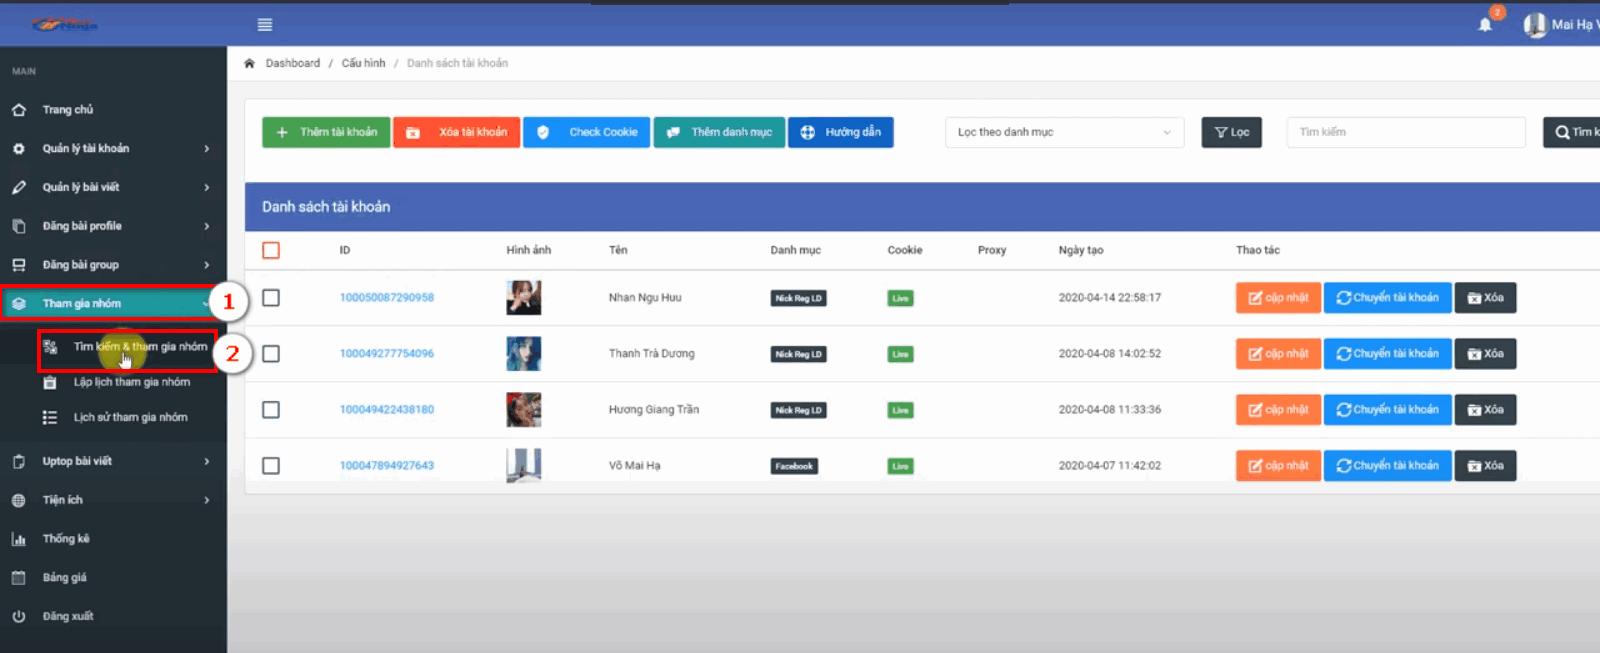 phan mem auto facebook 5 Phần mềm Auto Facebook hướng dẫn tham gia nhóm tại version mới